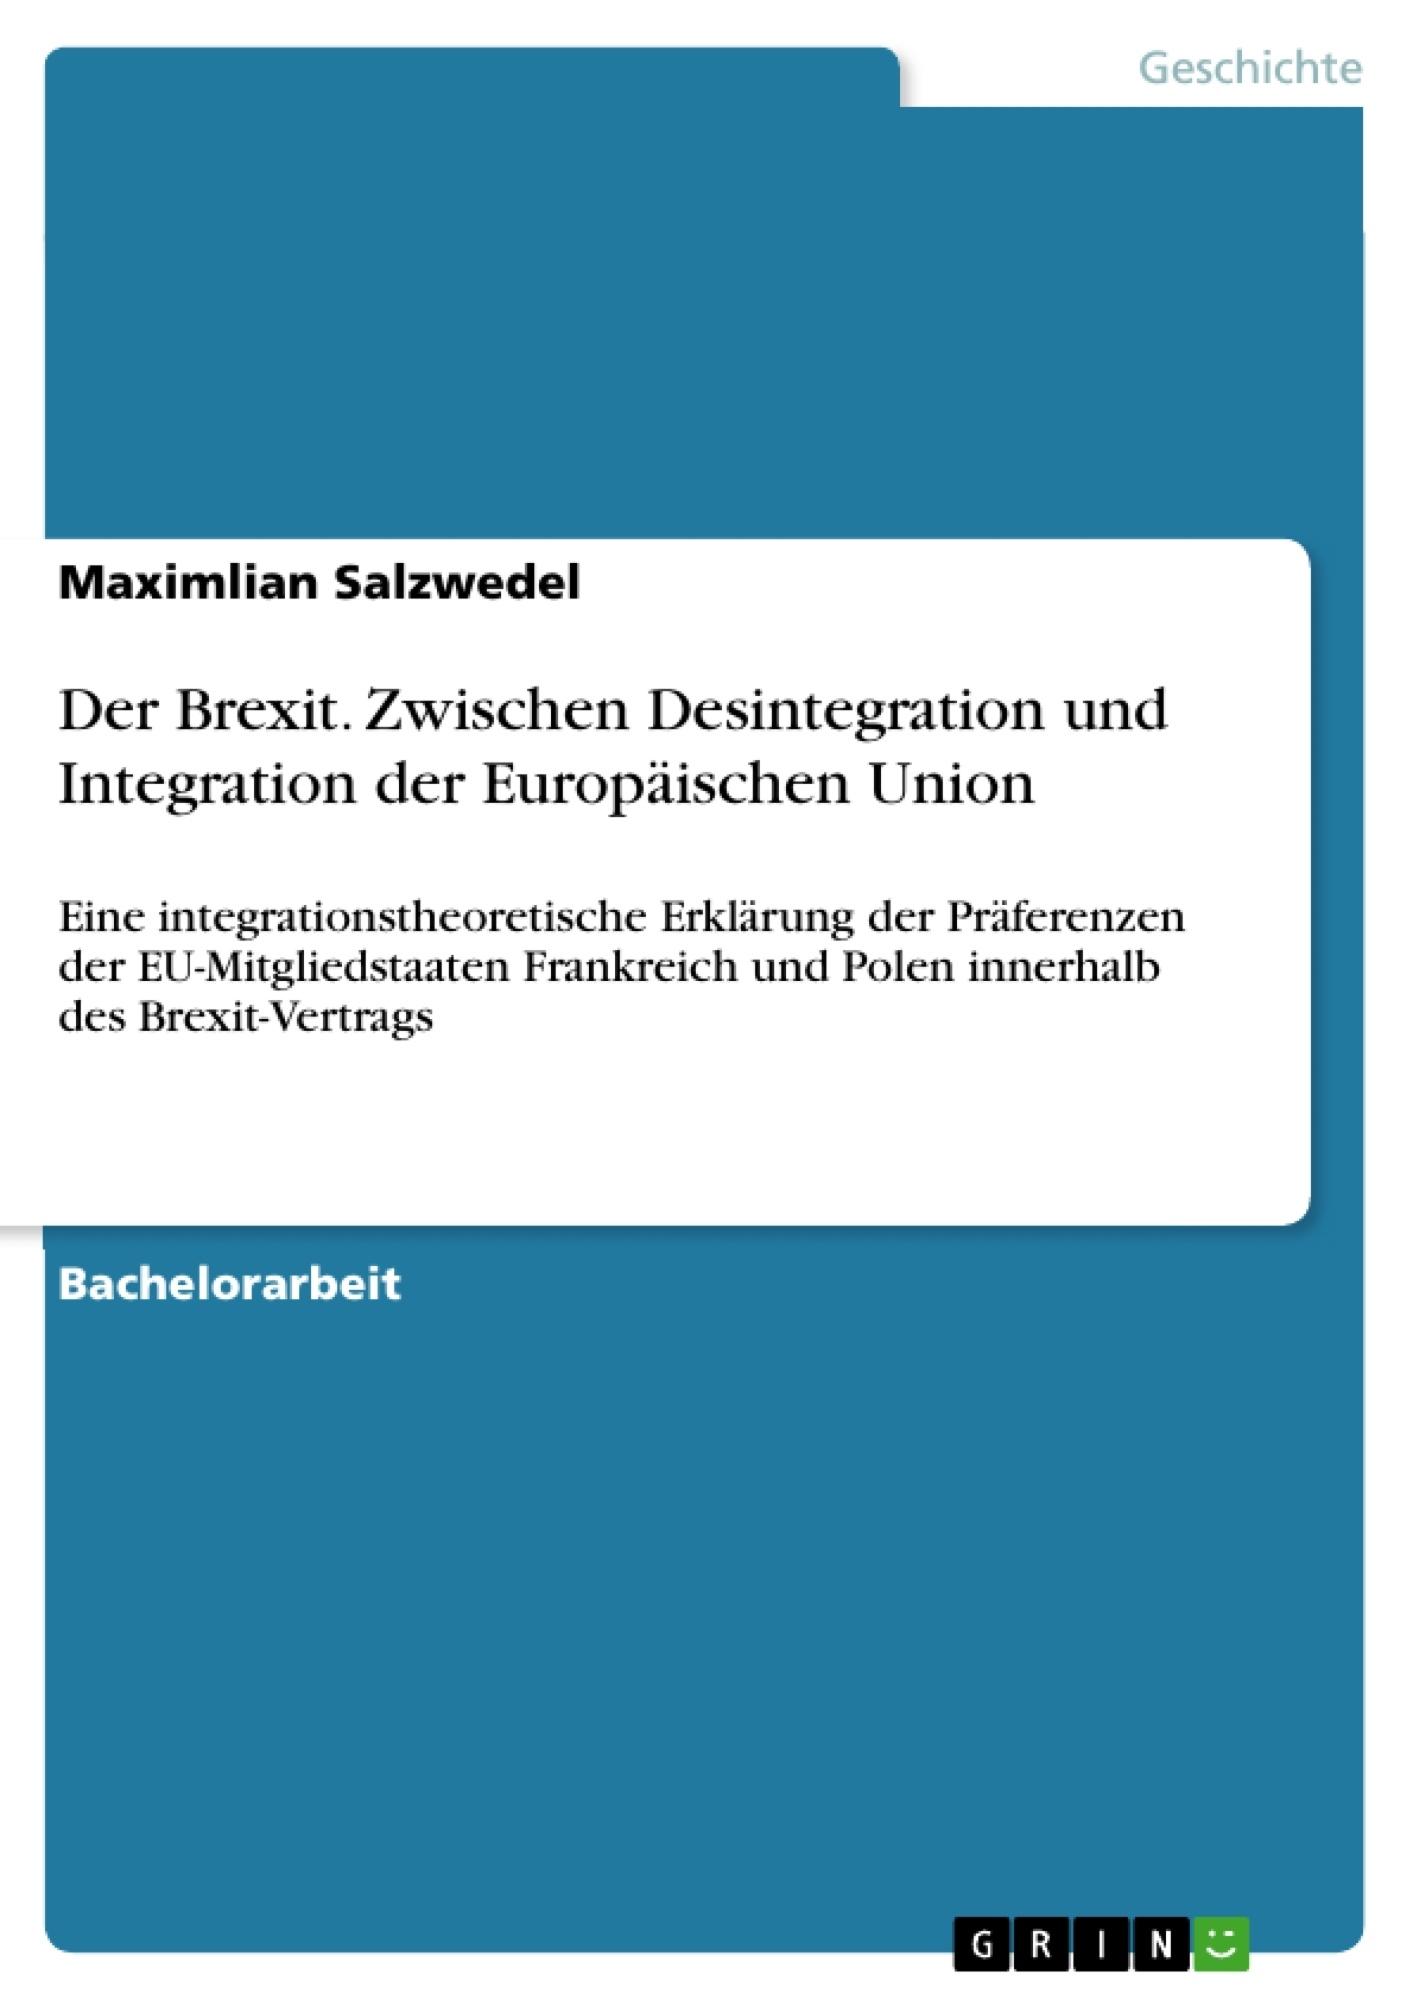 Titel: Der Brexit. Zwischen Desintegration und Integration der Europäischen Union